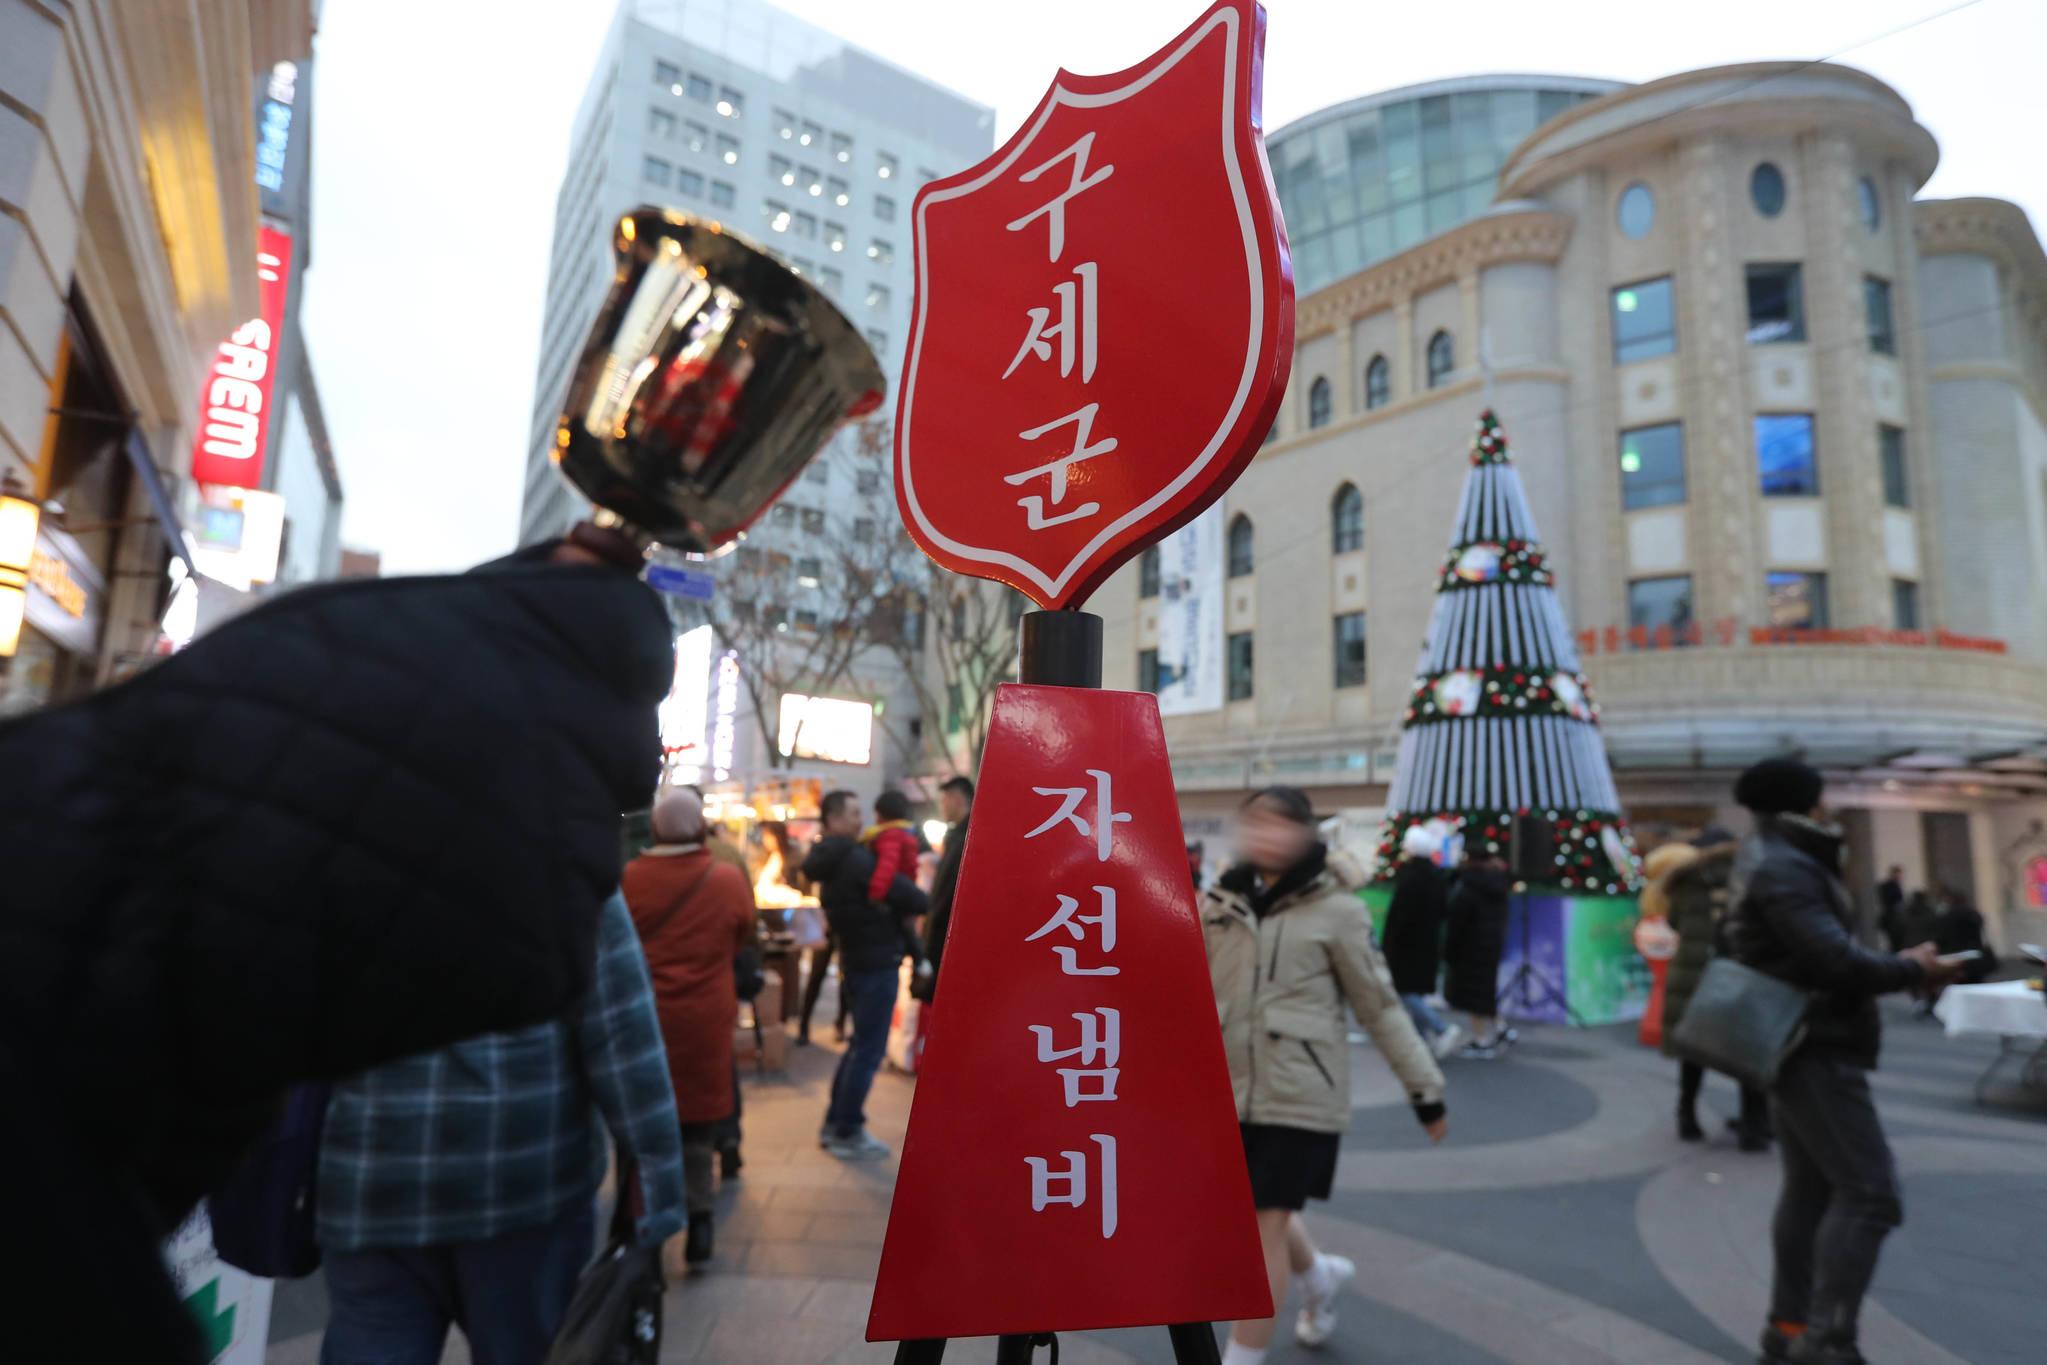 서울 명동거리에 구세군 자선냄비가 1일 등장해 모금활동을 하고 있다. 신인섭 기자